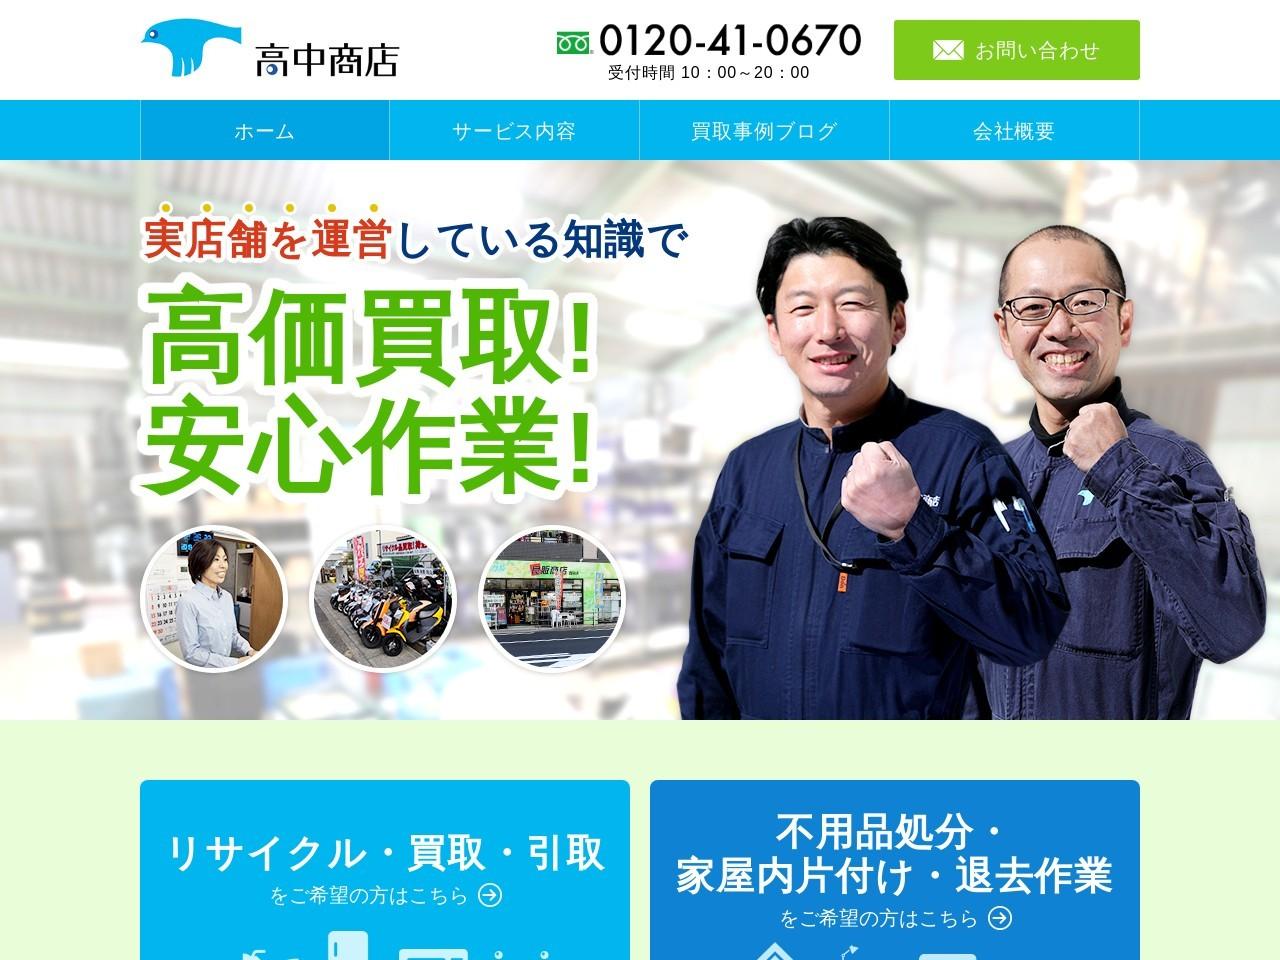 京都・大阪・滋賀の買取と不用品処分 - リサイクル・リユースショップ【高中商店】